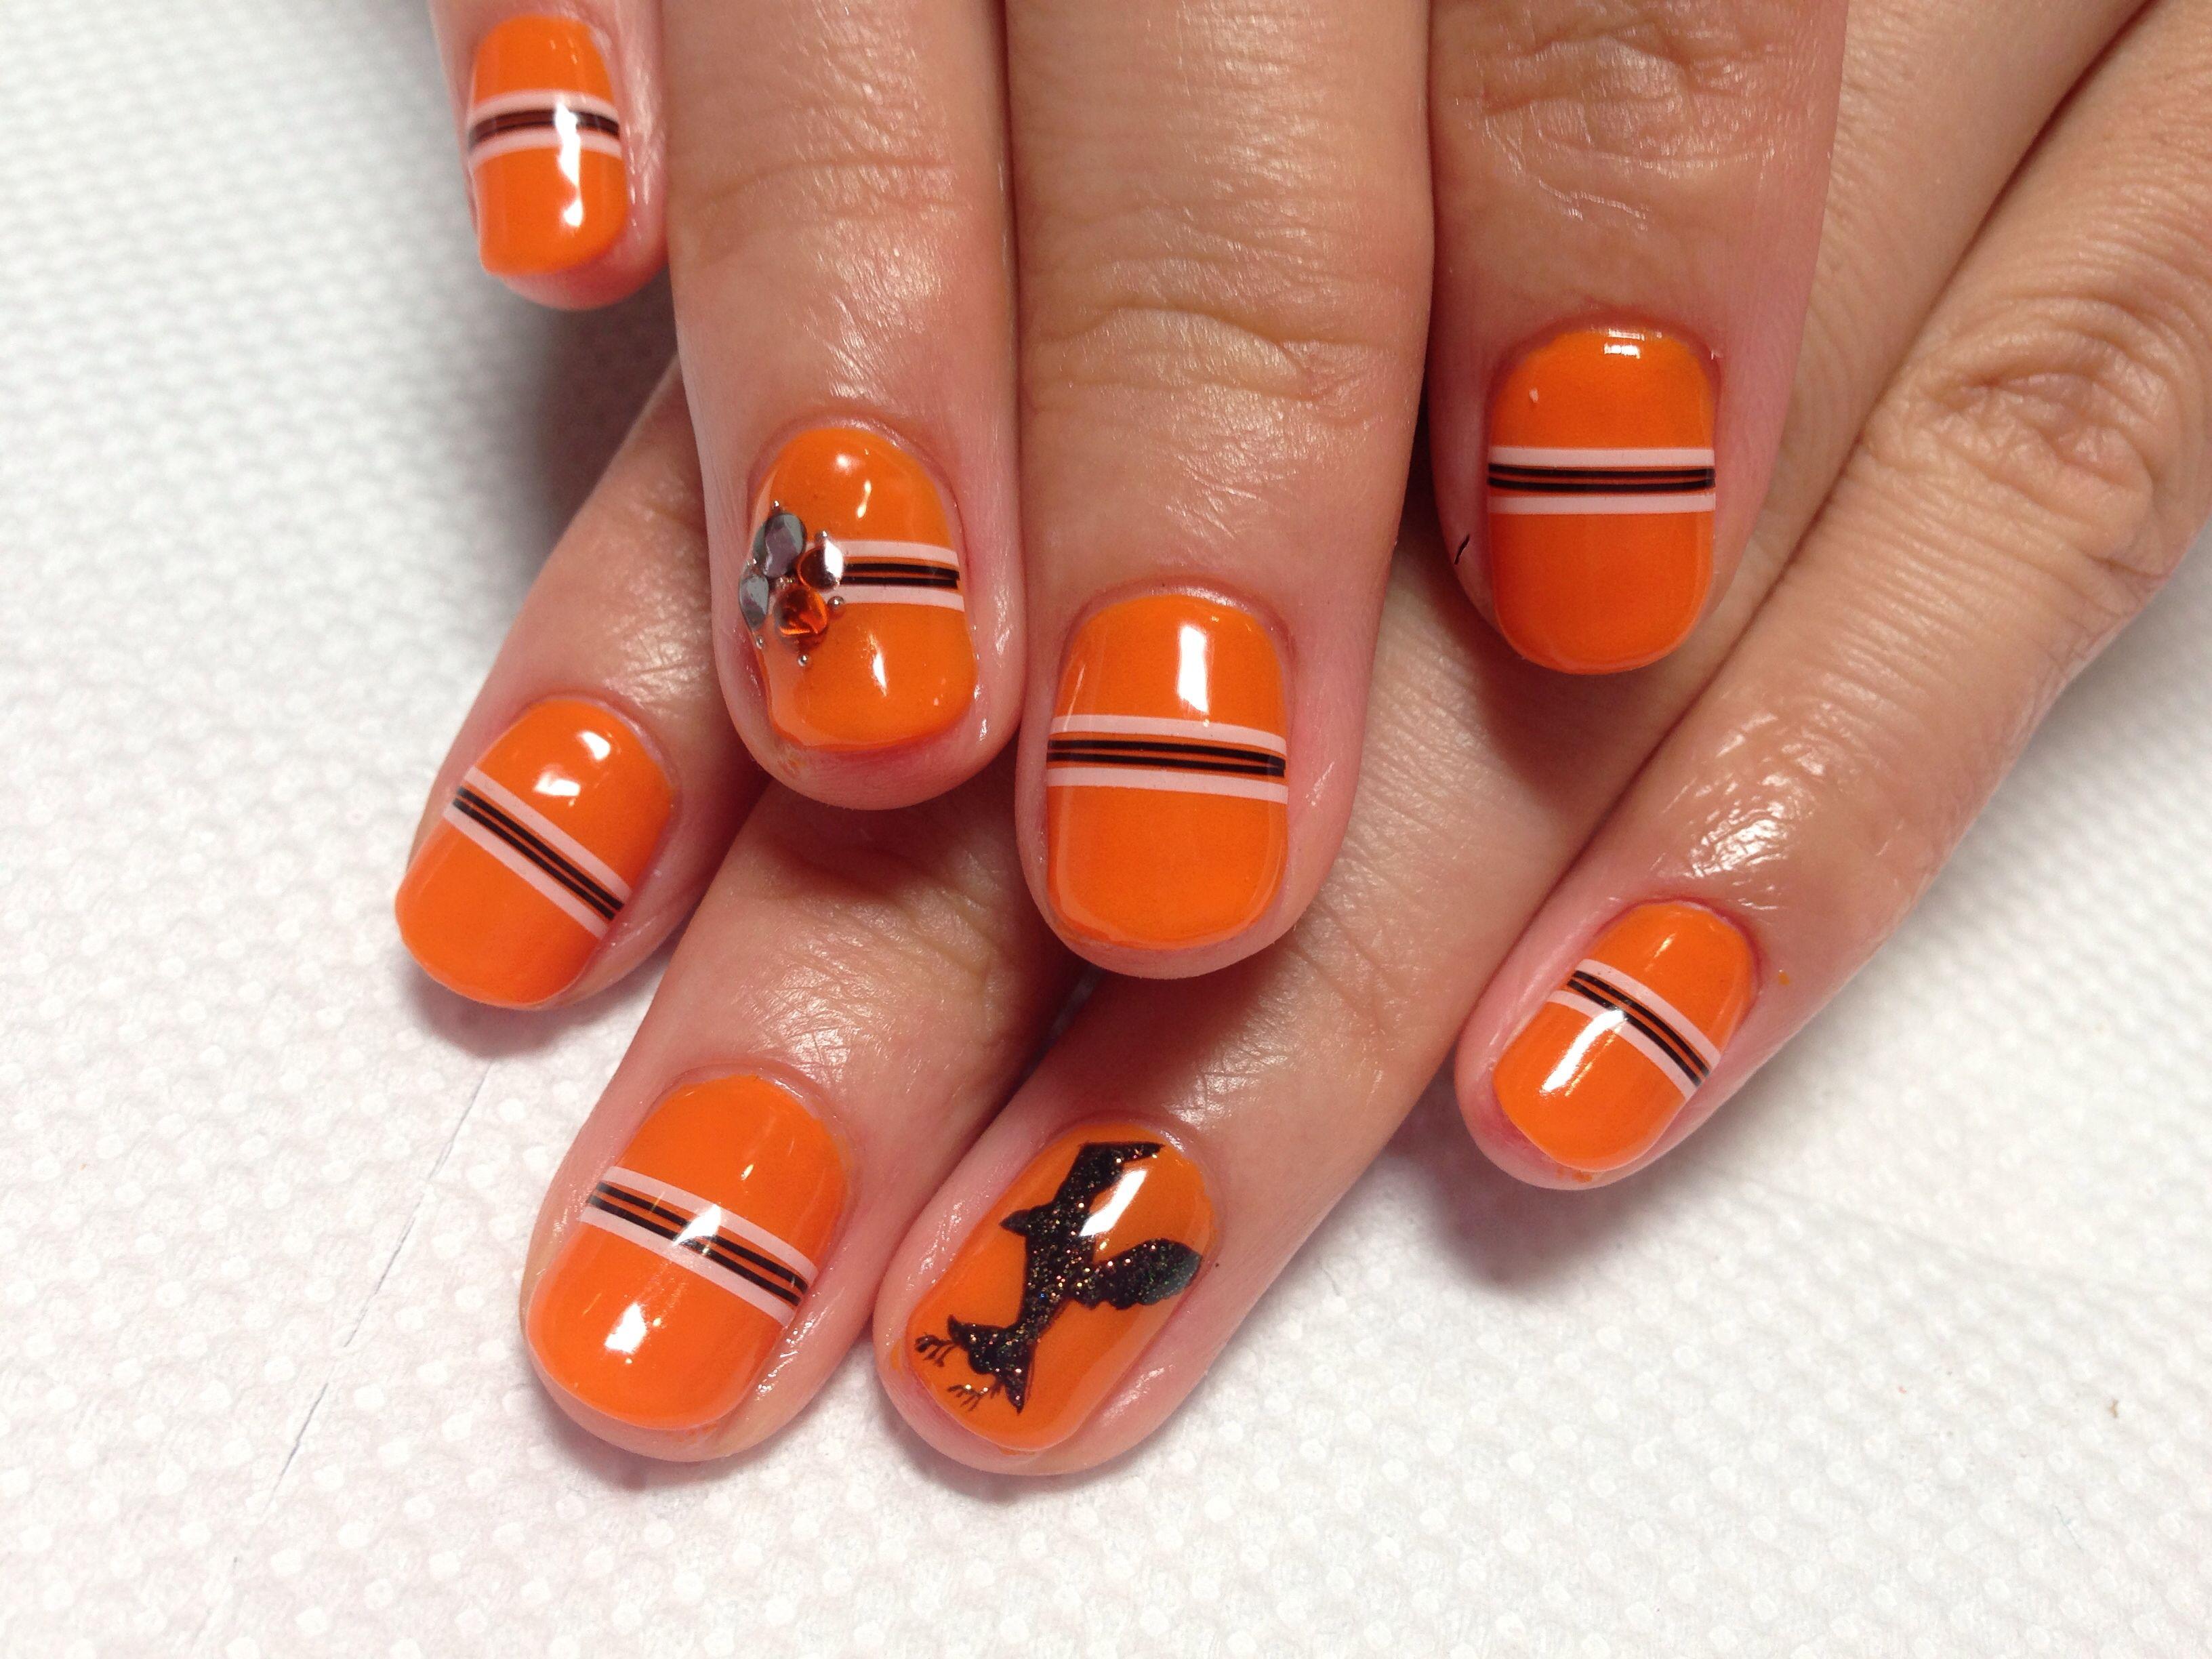 Image Of Haikyu Comic Volleyball Uniform Collor Of Karasuno High School Cute Gel Nails Short Acrylic Nails Nails